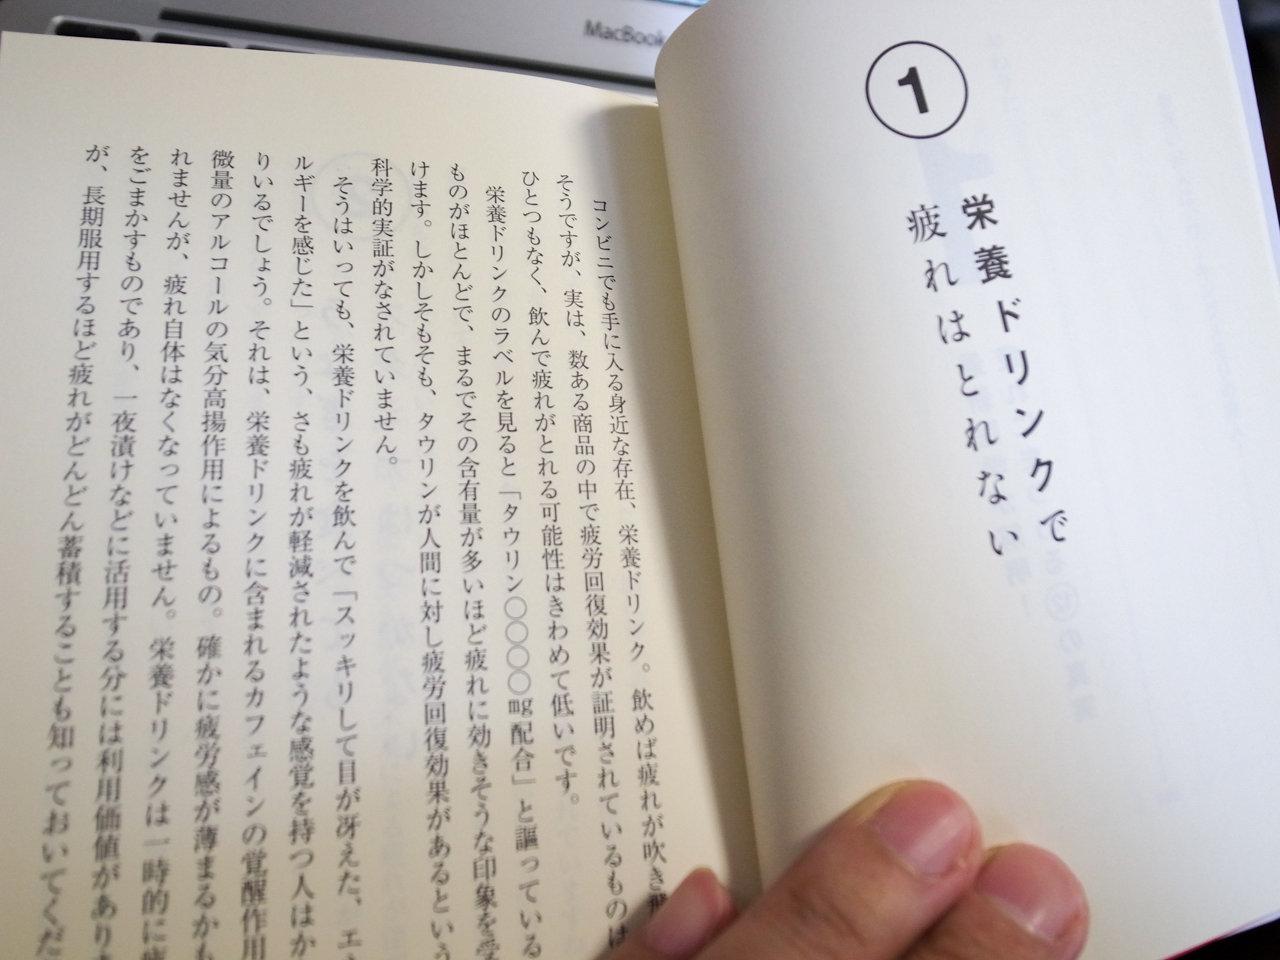 エナジードリンクで疲れは取れない!日本初の疲労感を軽減する機能性表示食品「イミダペプチド」を1ヶ月試してみた【PR】